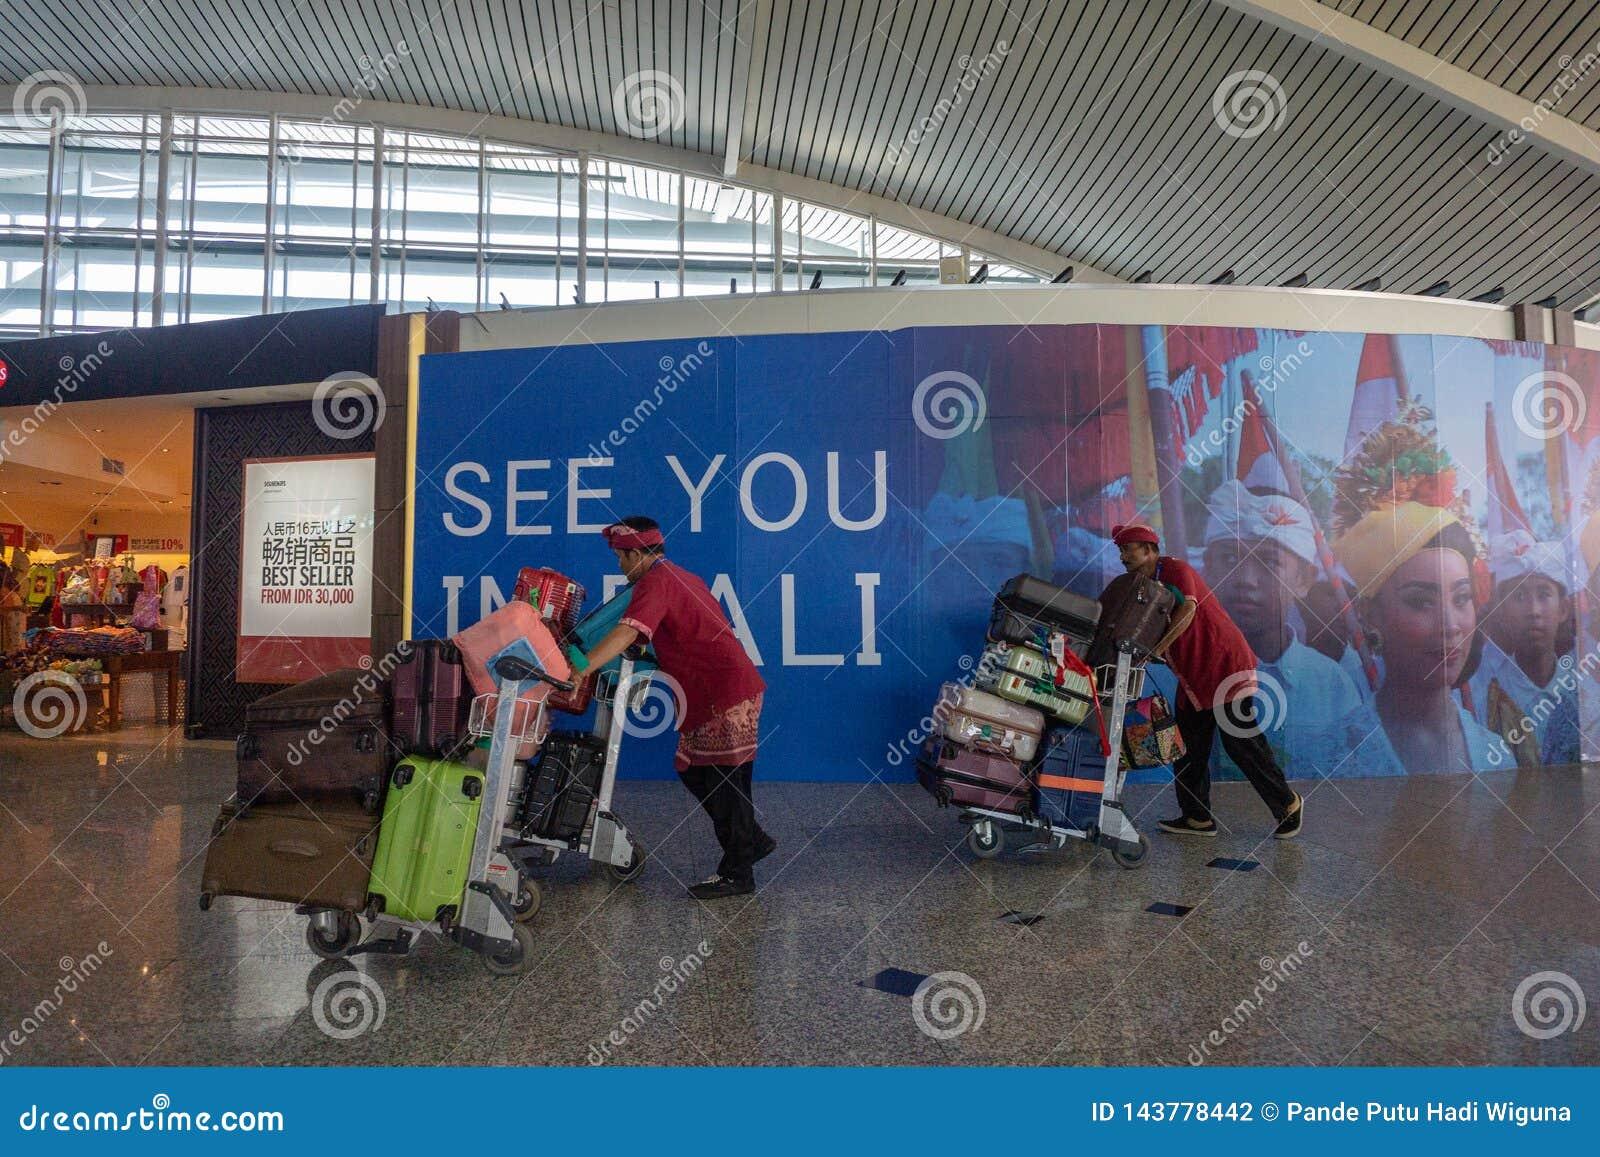 BADUNG BALI/INDONESIA-June 25 2018: Portvakter kommer med passagerareresväskor till avvikelseterminalen